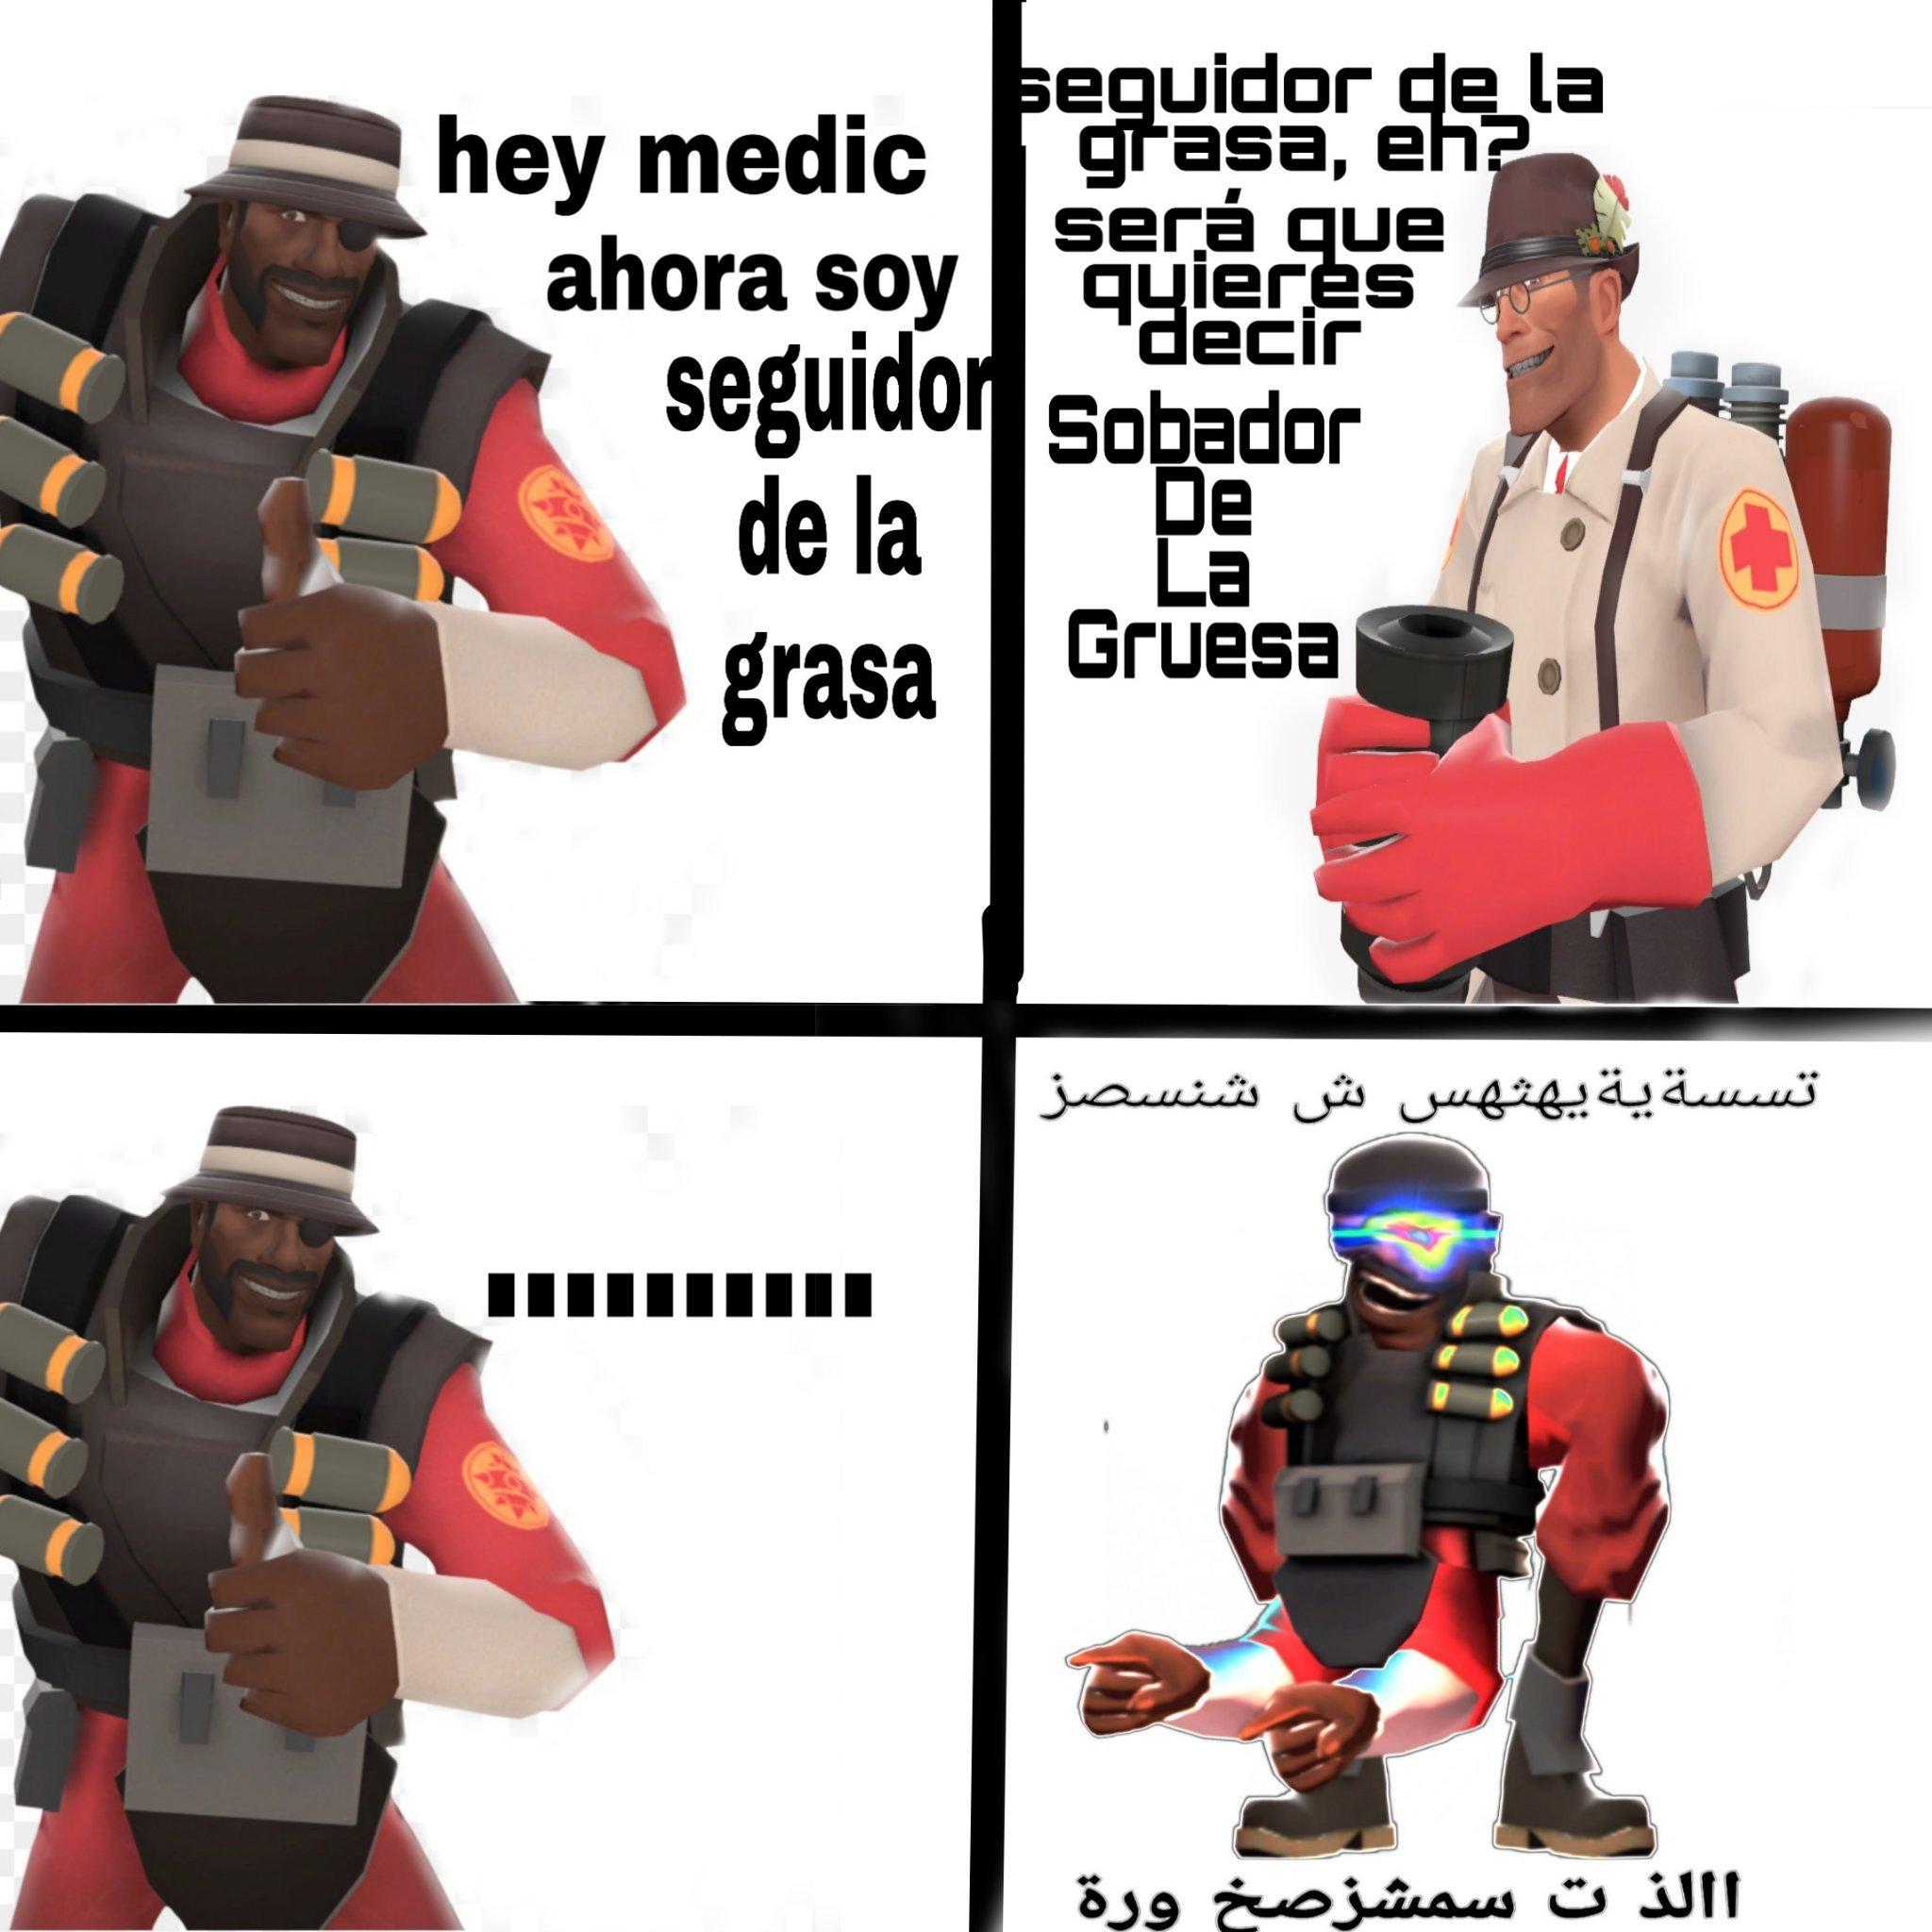 Un kpo el médico - meme